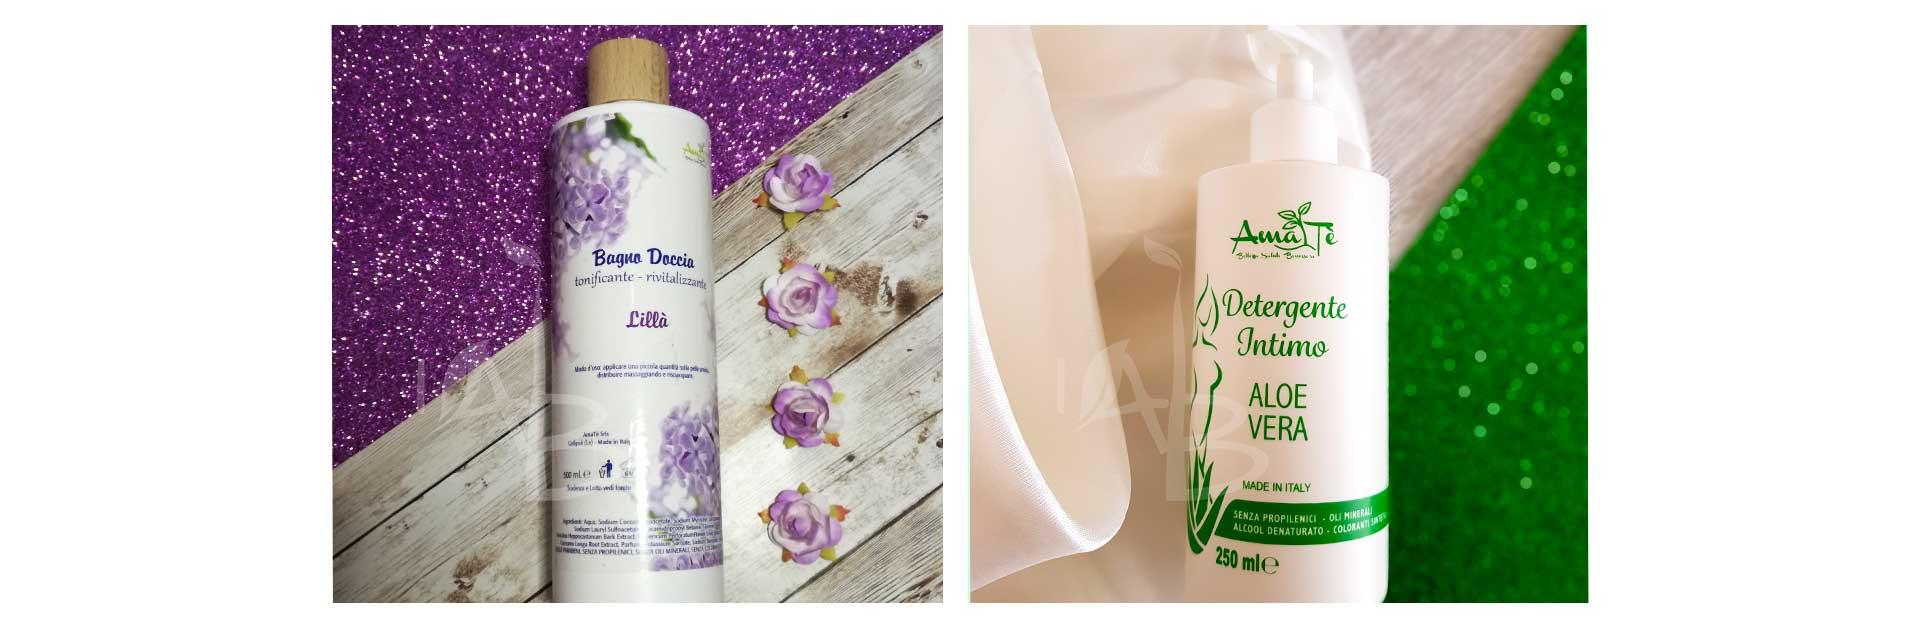 Copertina prodotti per la detergenza corpo di AmaTè